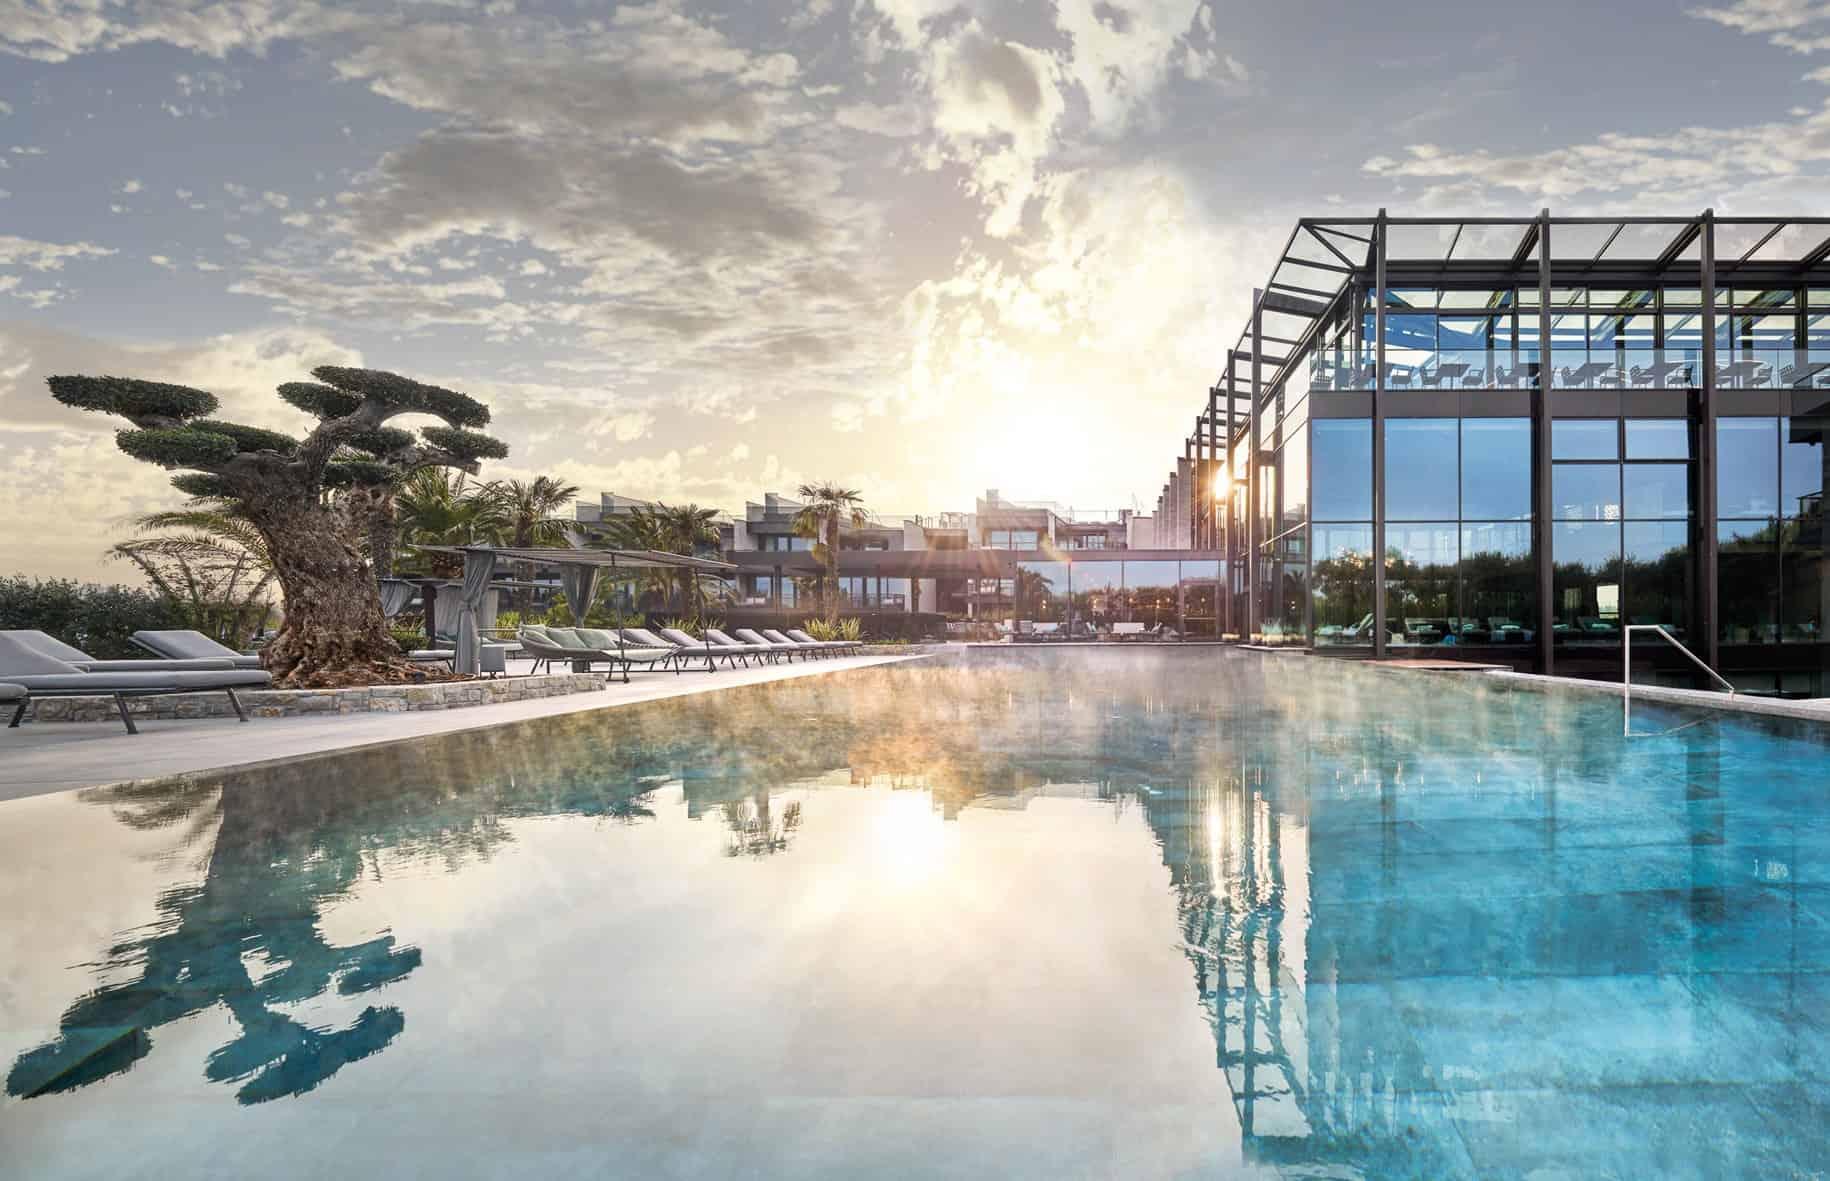 Quellenhof Luxury Resort Lazise - Moderne Architektur und exklusives Design